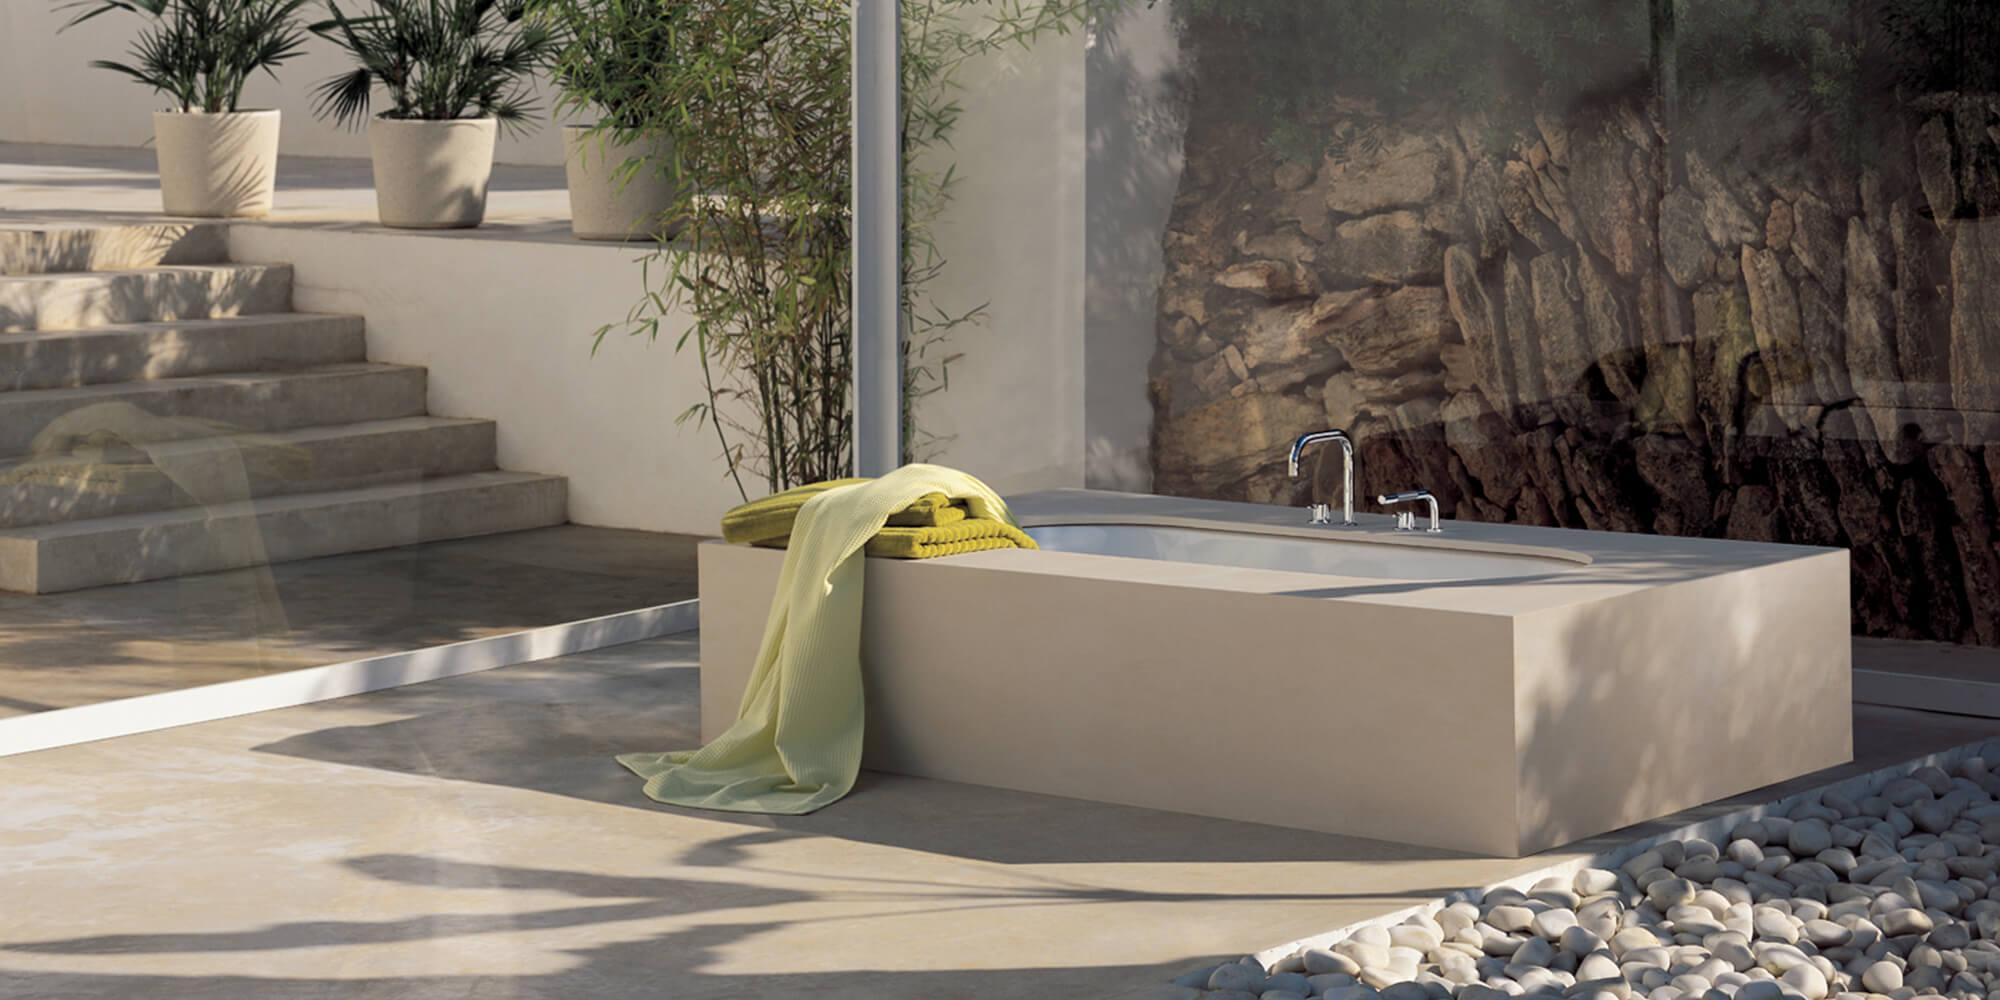 Case / BadDesign Aarhus - badeværelses indretning, barekar, trends